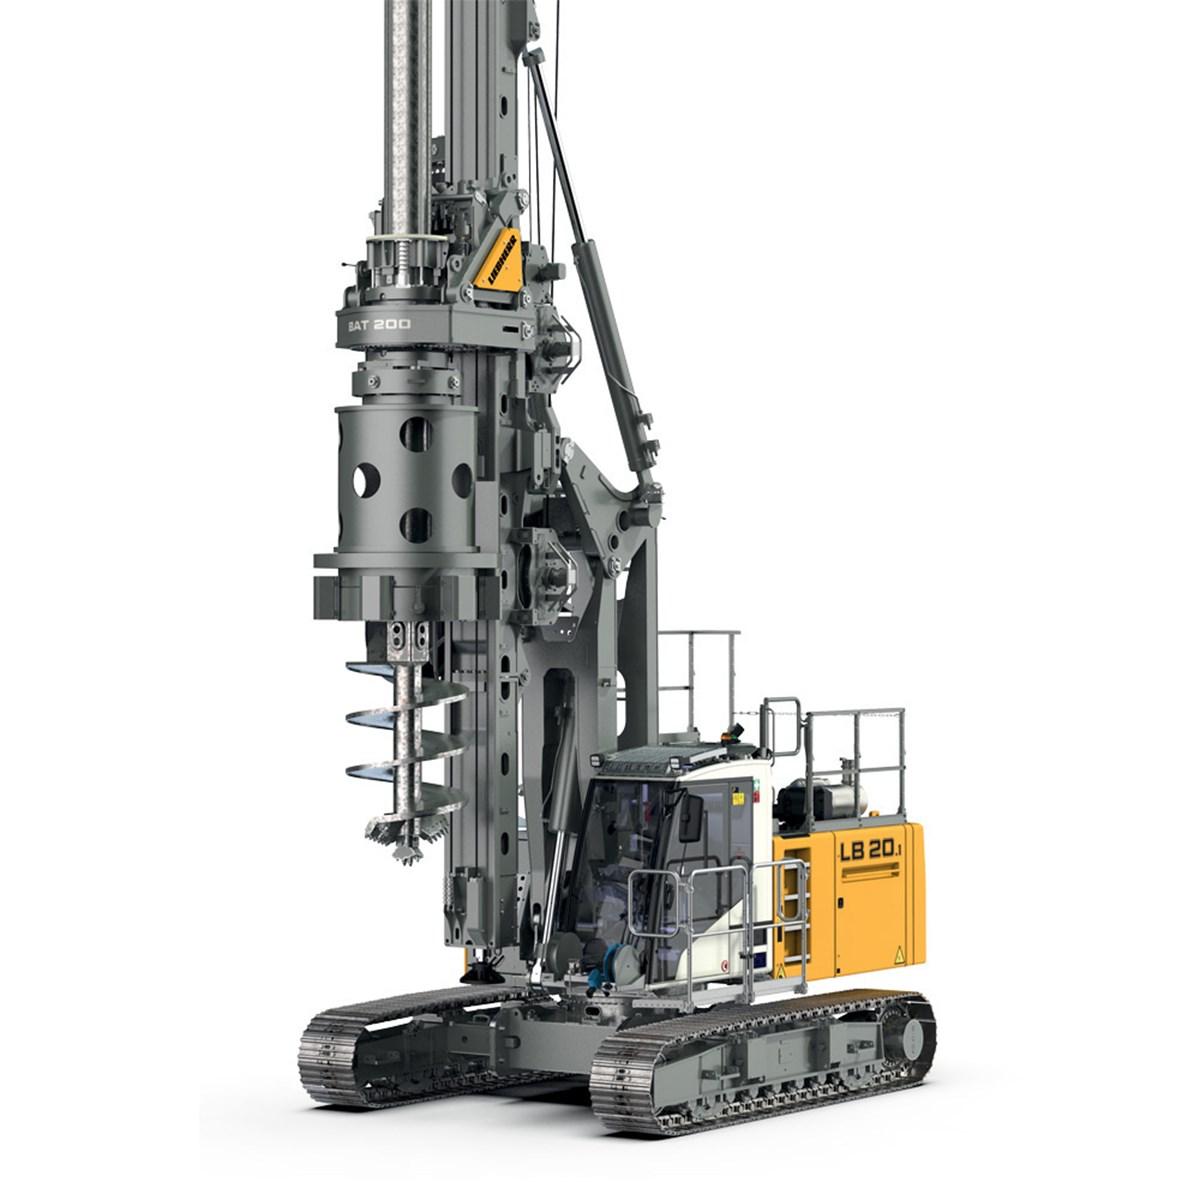 liebherr-lb-20-drilling-rig-kelly-main-1.jpg